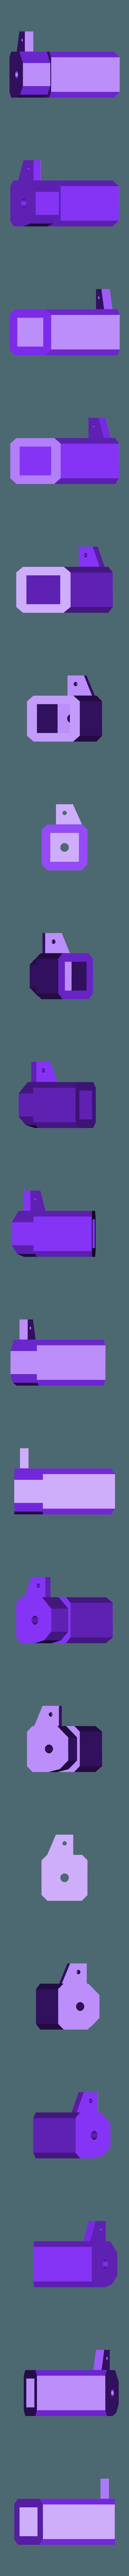 twistBeamMount.STL Télécharger fichier STL gratuit Tricoptère : à torsion centrale (avec source Solidworks) • Modèle imprimable en 3D, Glutnard